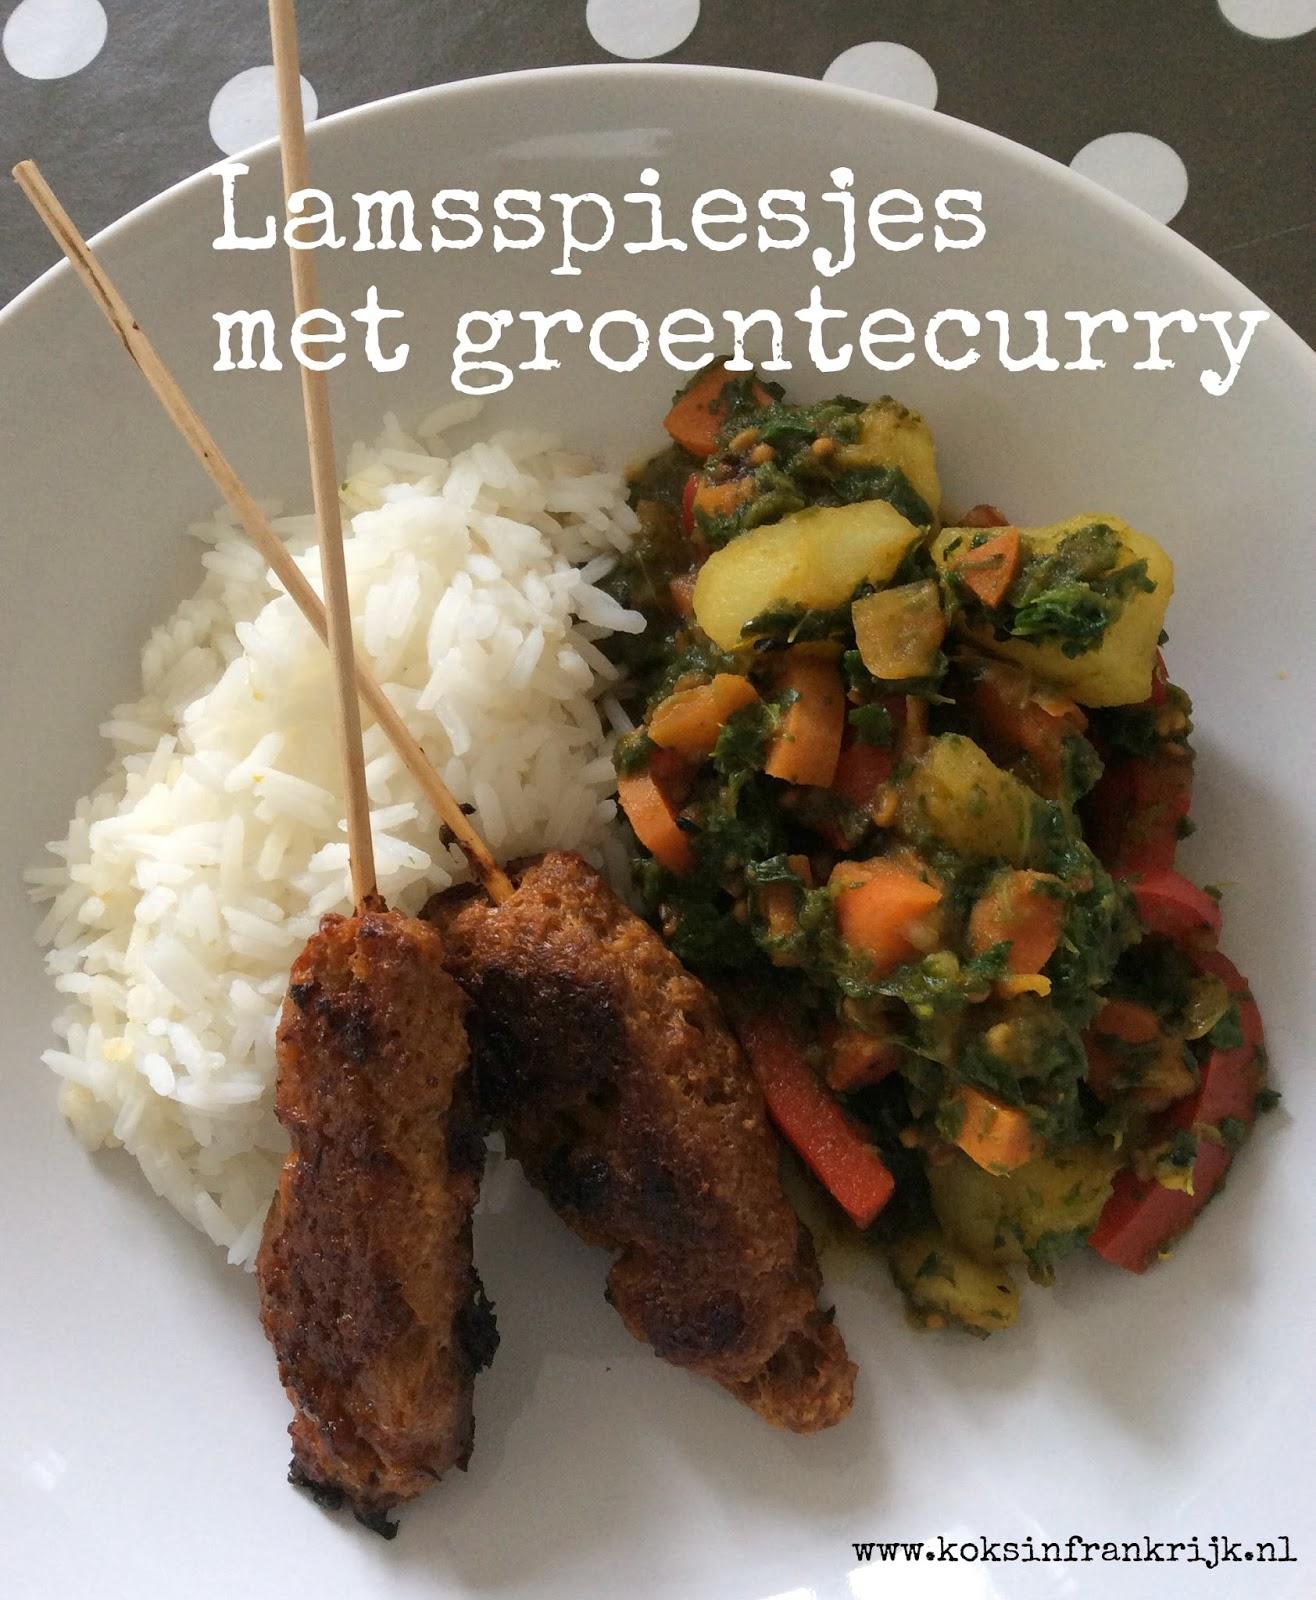 Pittig gekruide lamsspiesjes met groentecurry